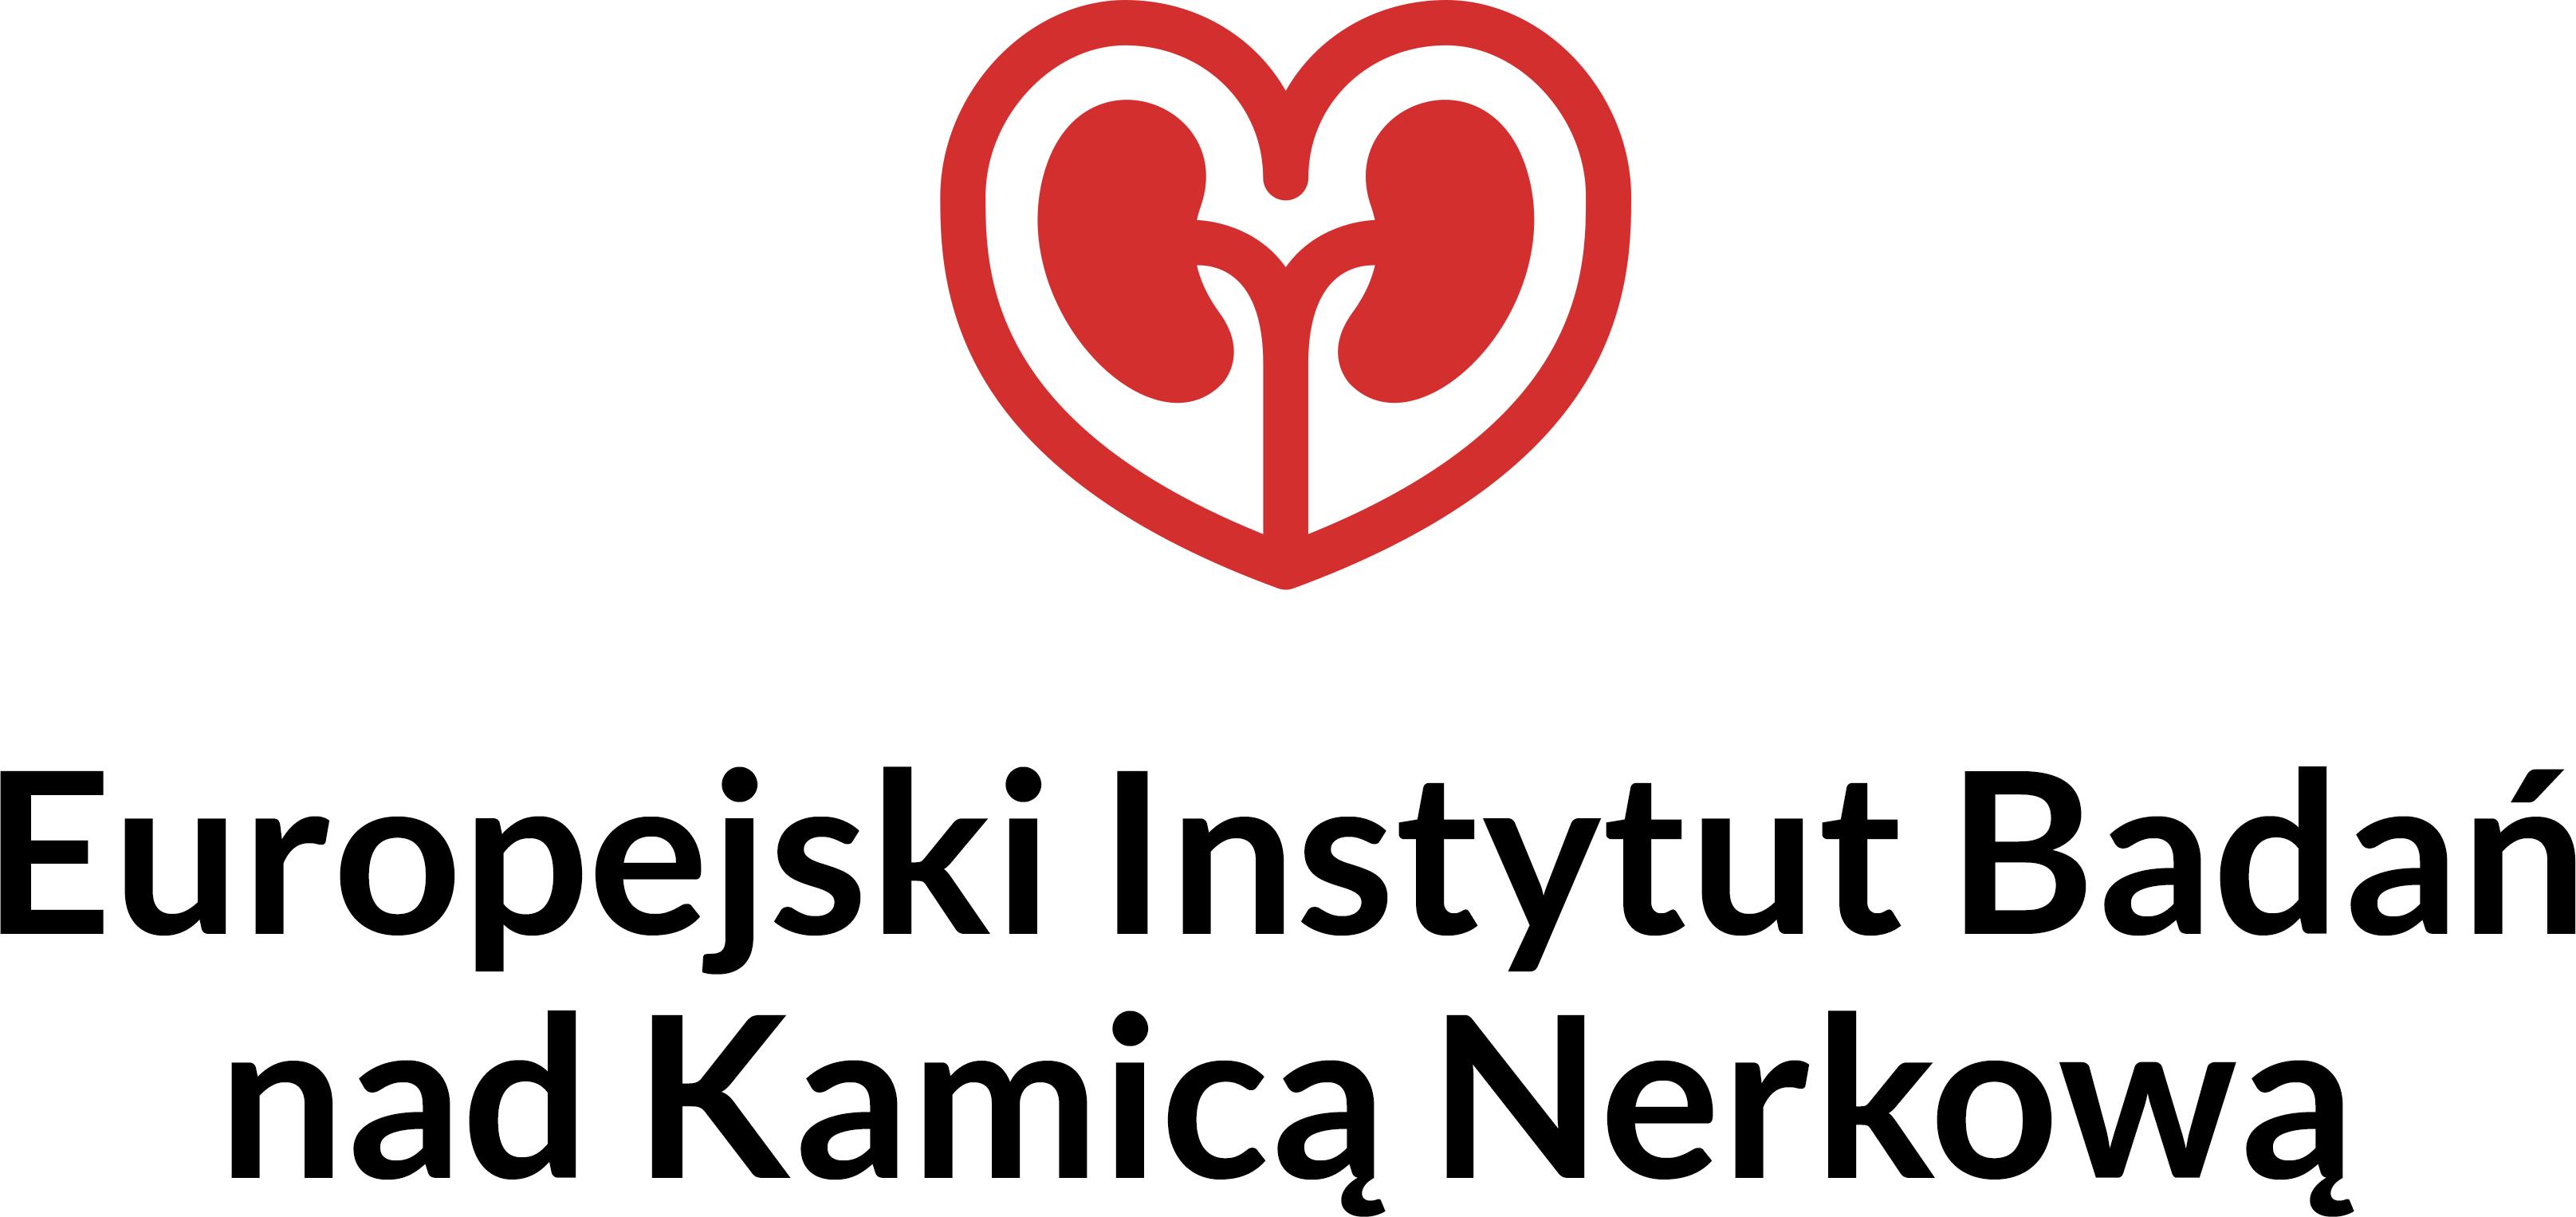 Europejski Instytut Badań na Kamicą Nerkową